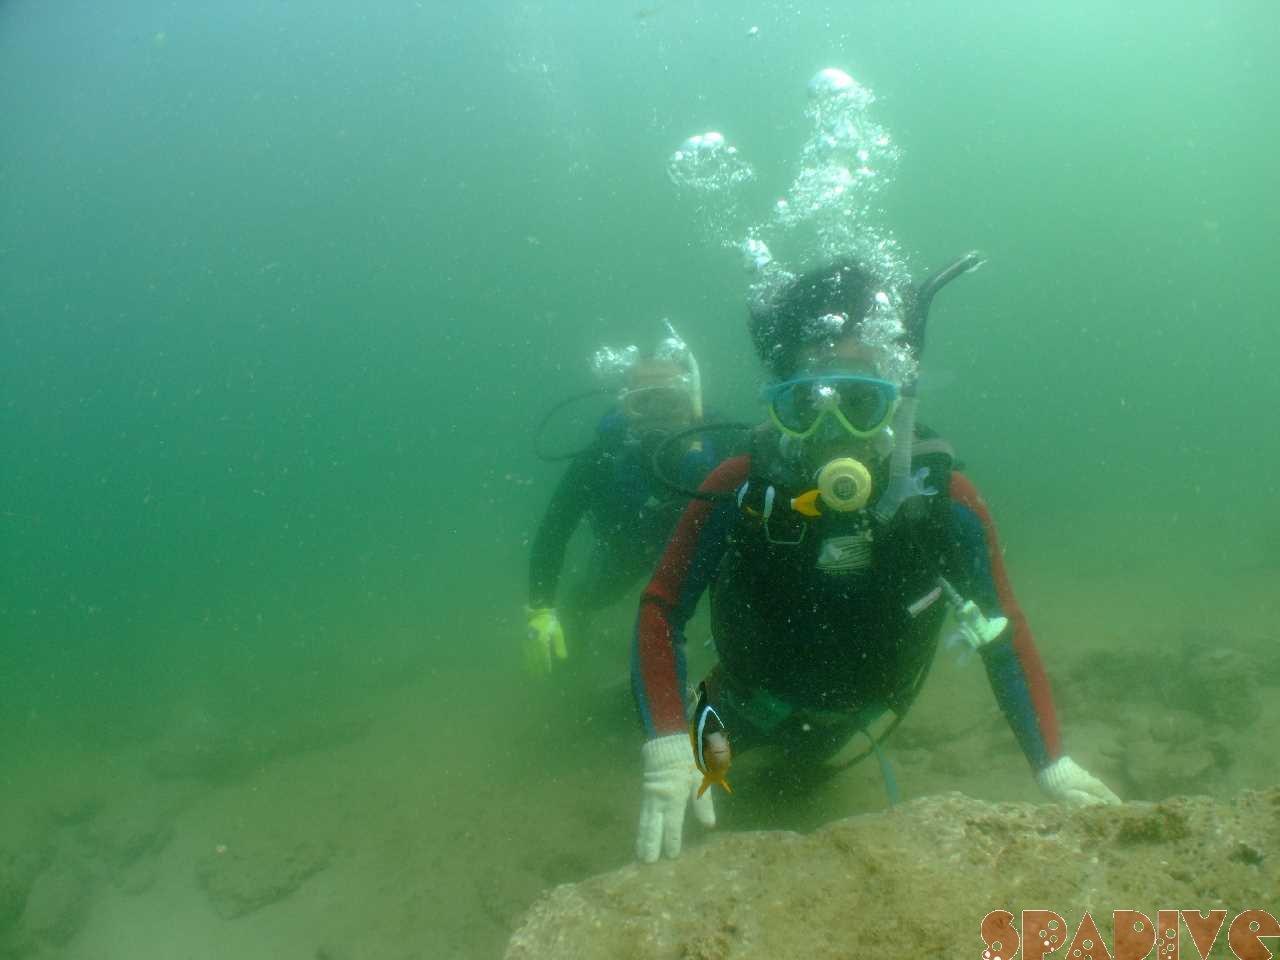 体験ダイビング&OWDライセンス取得コース|7/17/2010白浜海情報